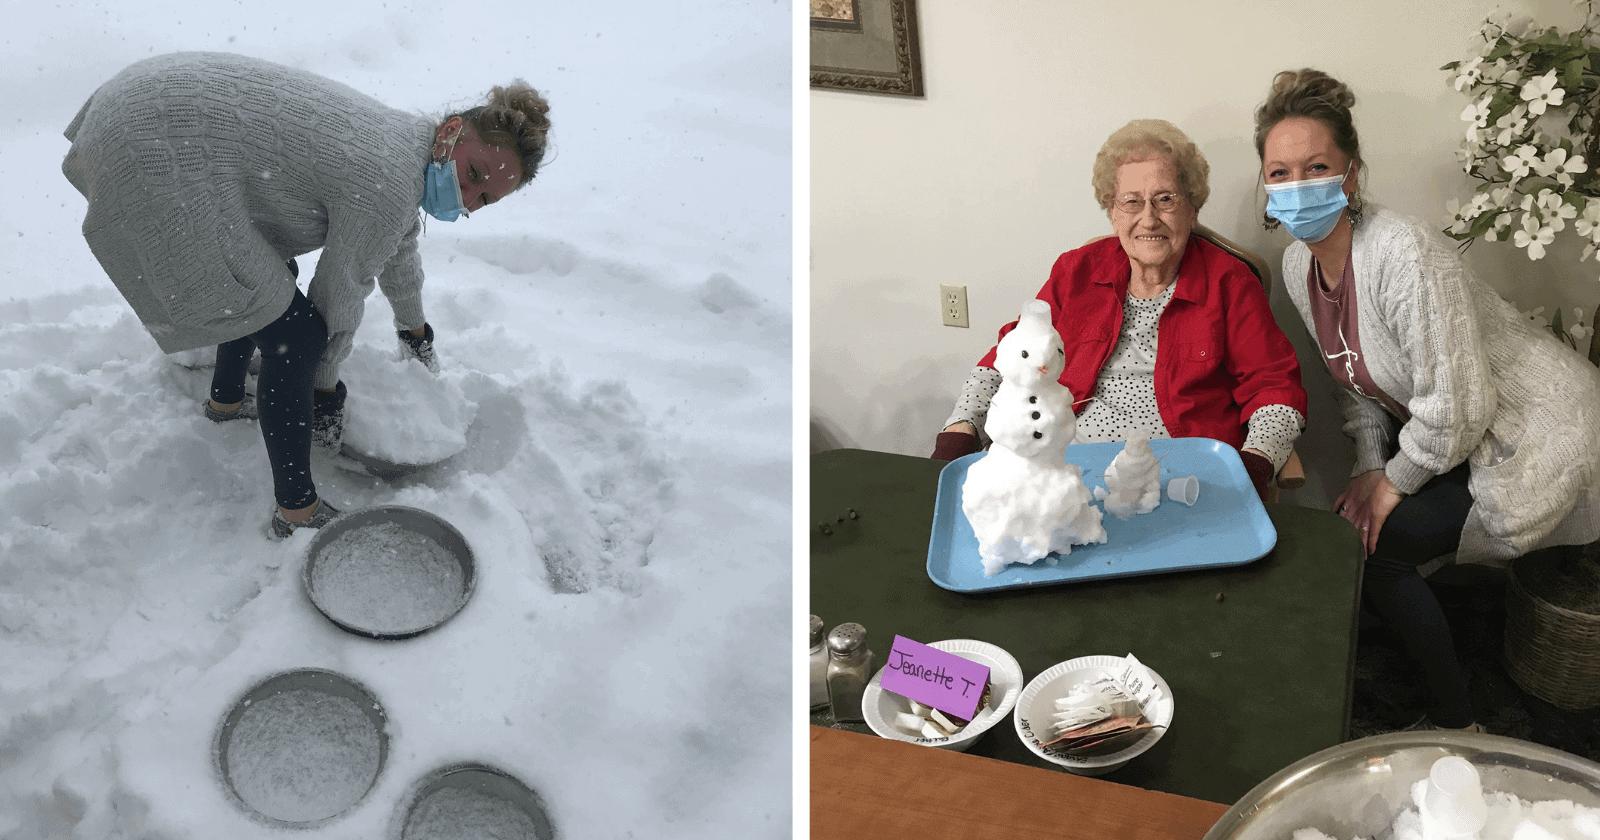 Casa de repouso cria atividade incomum para idosos e chama a atenção da web